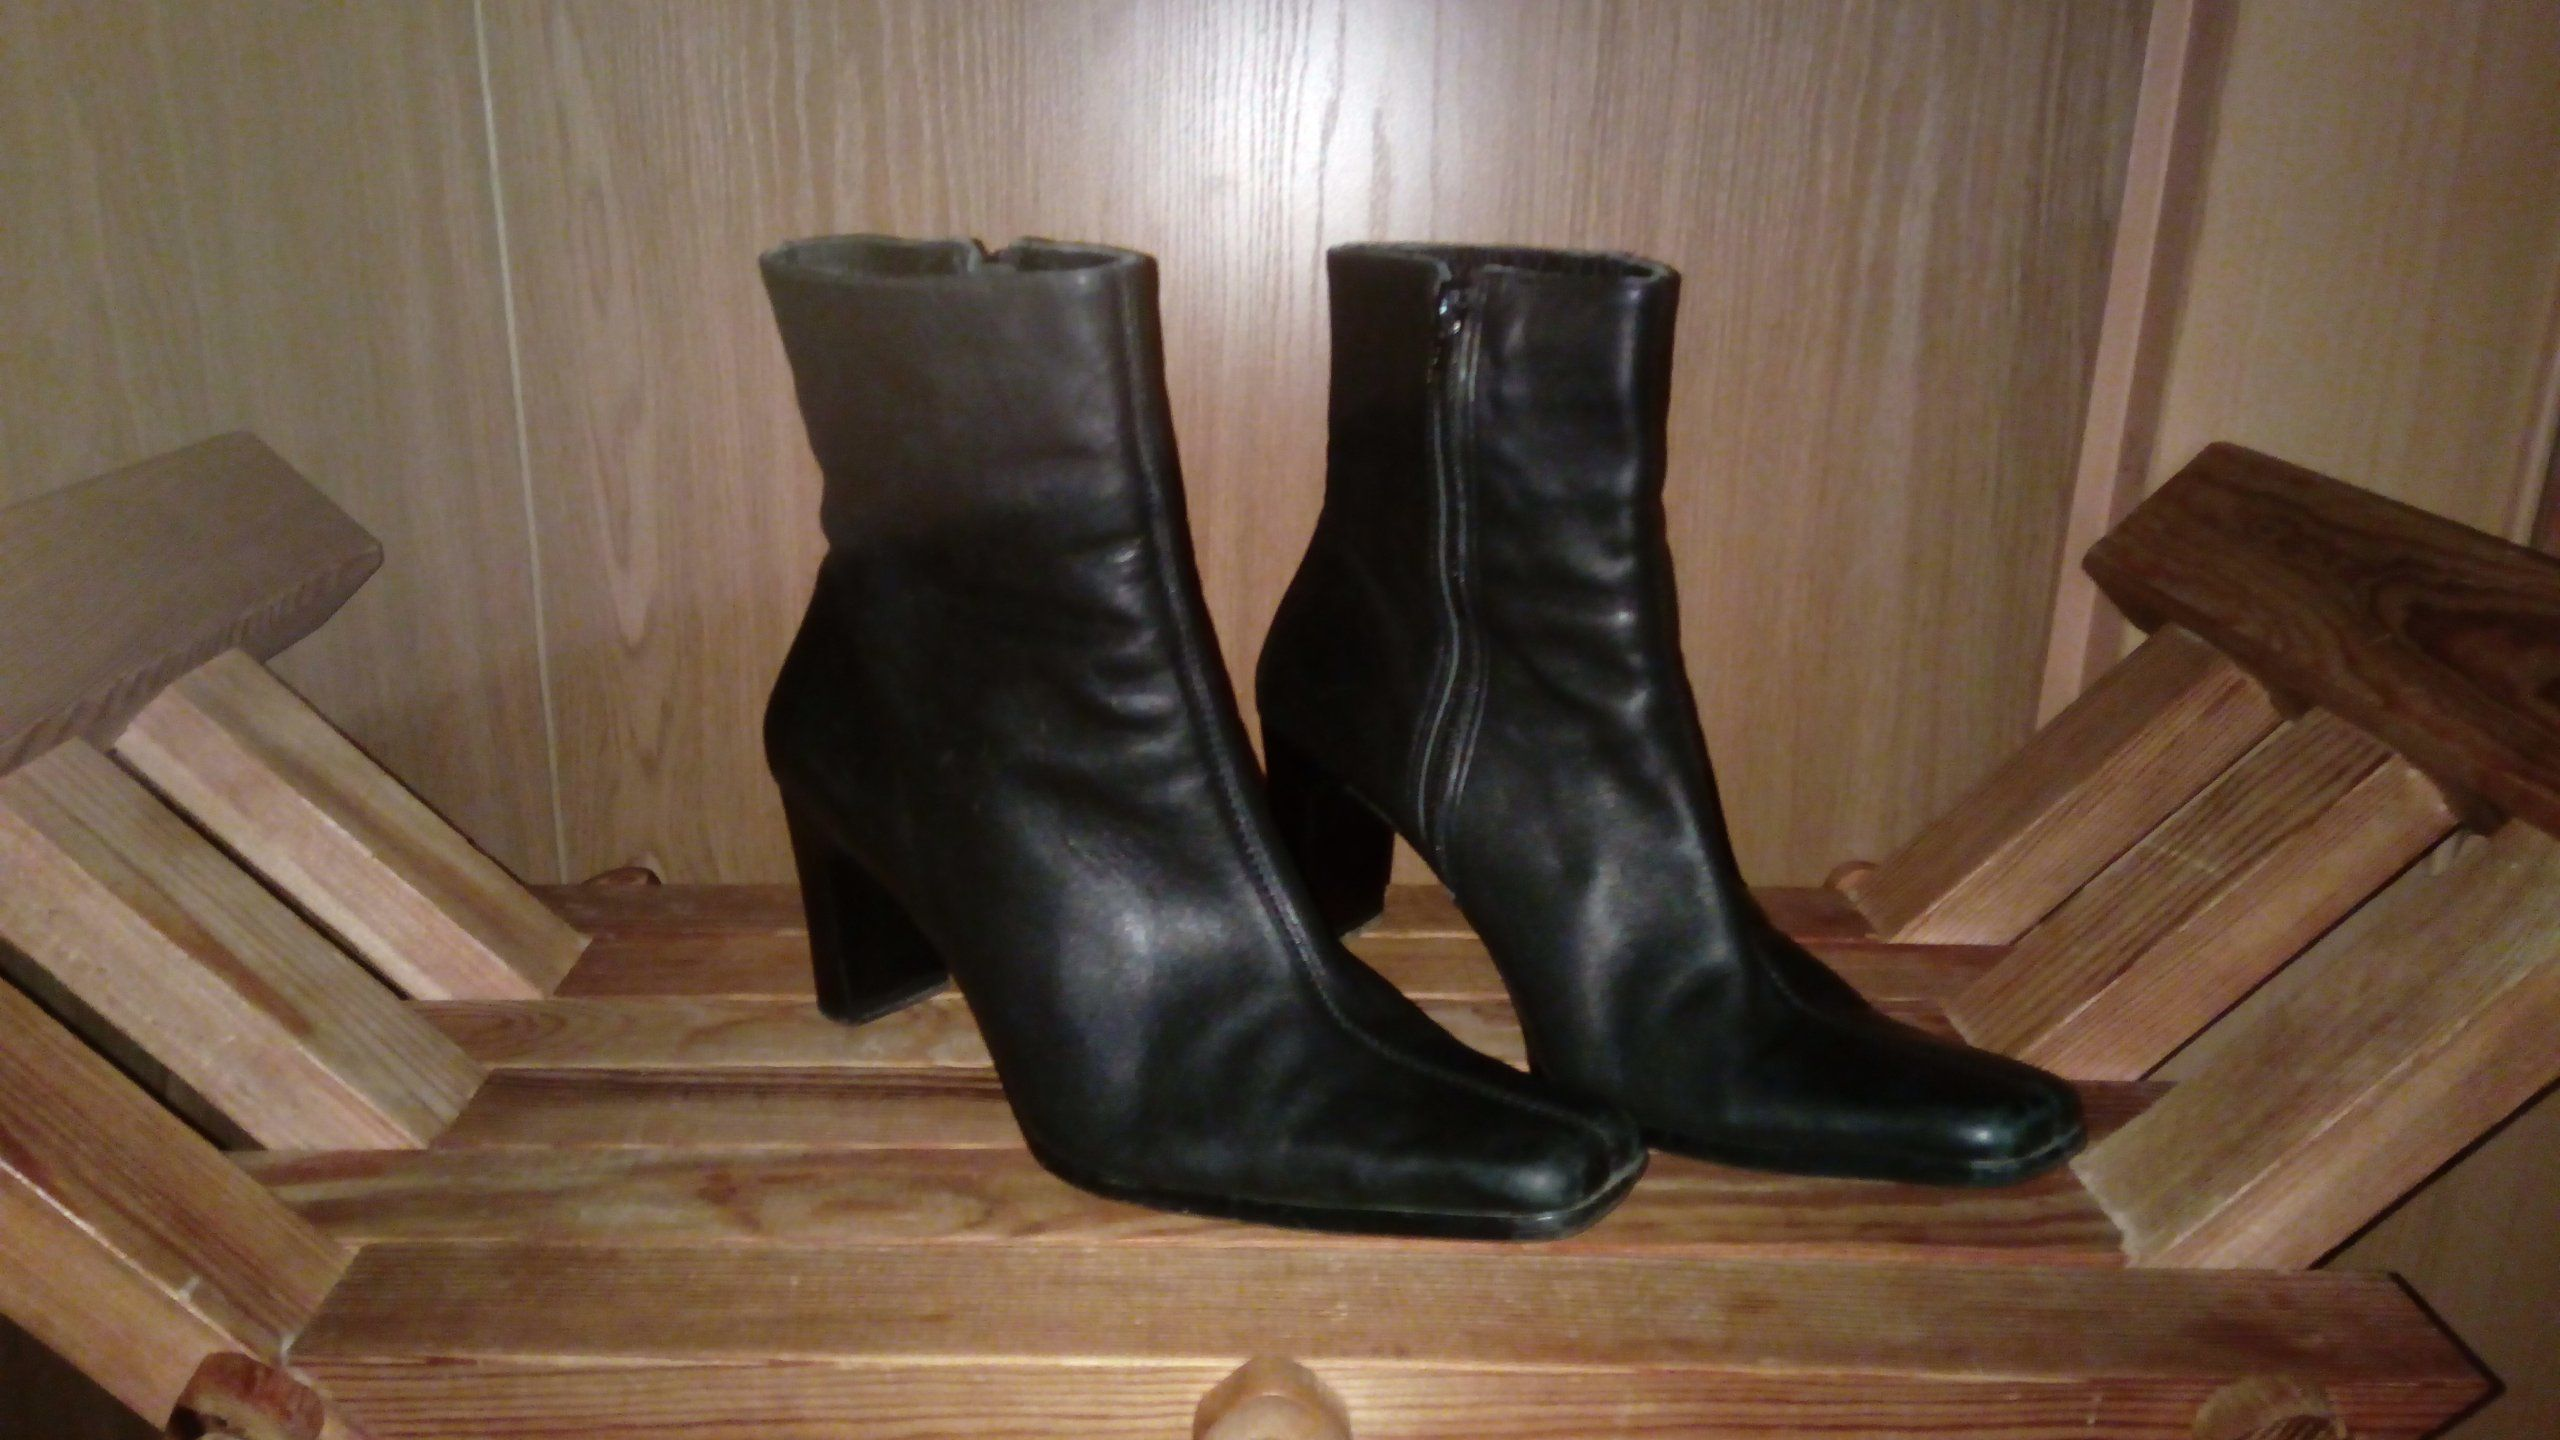 Buty Zimowe Damskie Kozaki Studio G Roz 39 7134684422 Oficjalne Archiwum Allegro Boots Shoes Heels